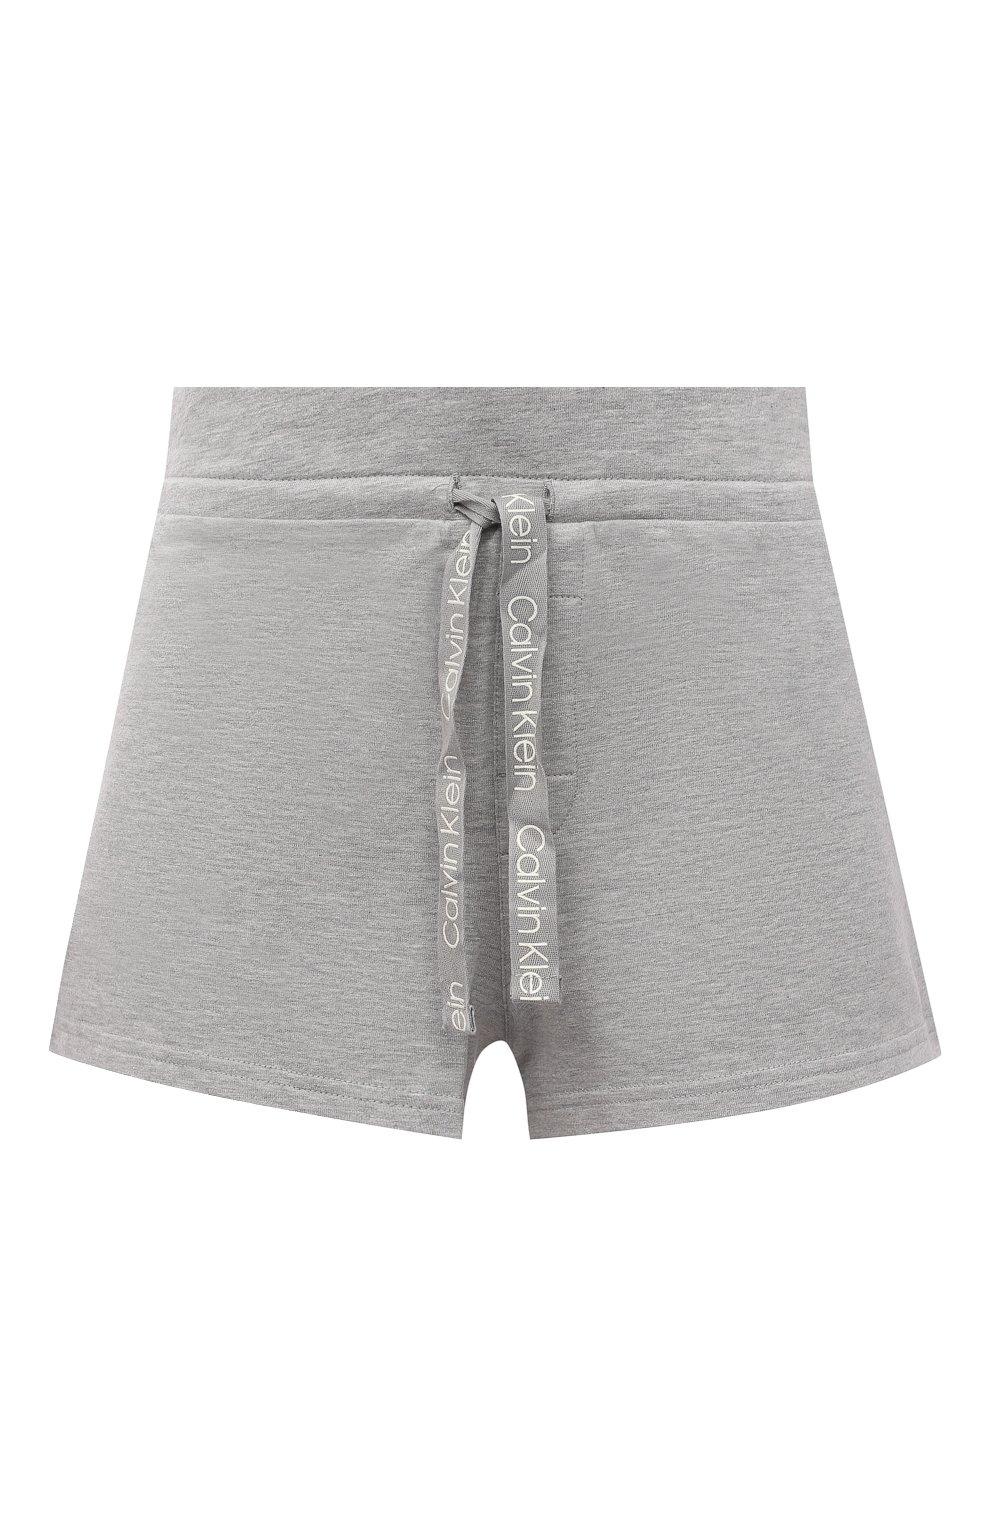 Женские шорты CALVIN KLEIN серого цвета, арт. QS6704E   Фото 1 (Длина Ж (юбки, платья, шорты): Мини; Материал внешний: Синтетический материал, Хлопок)